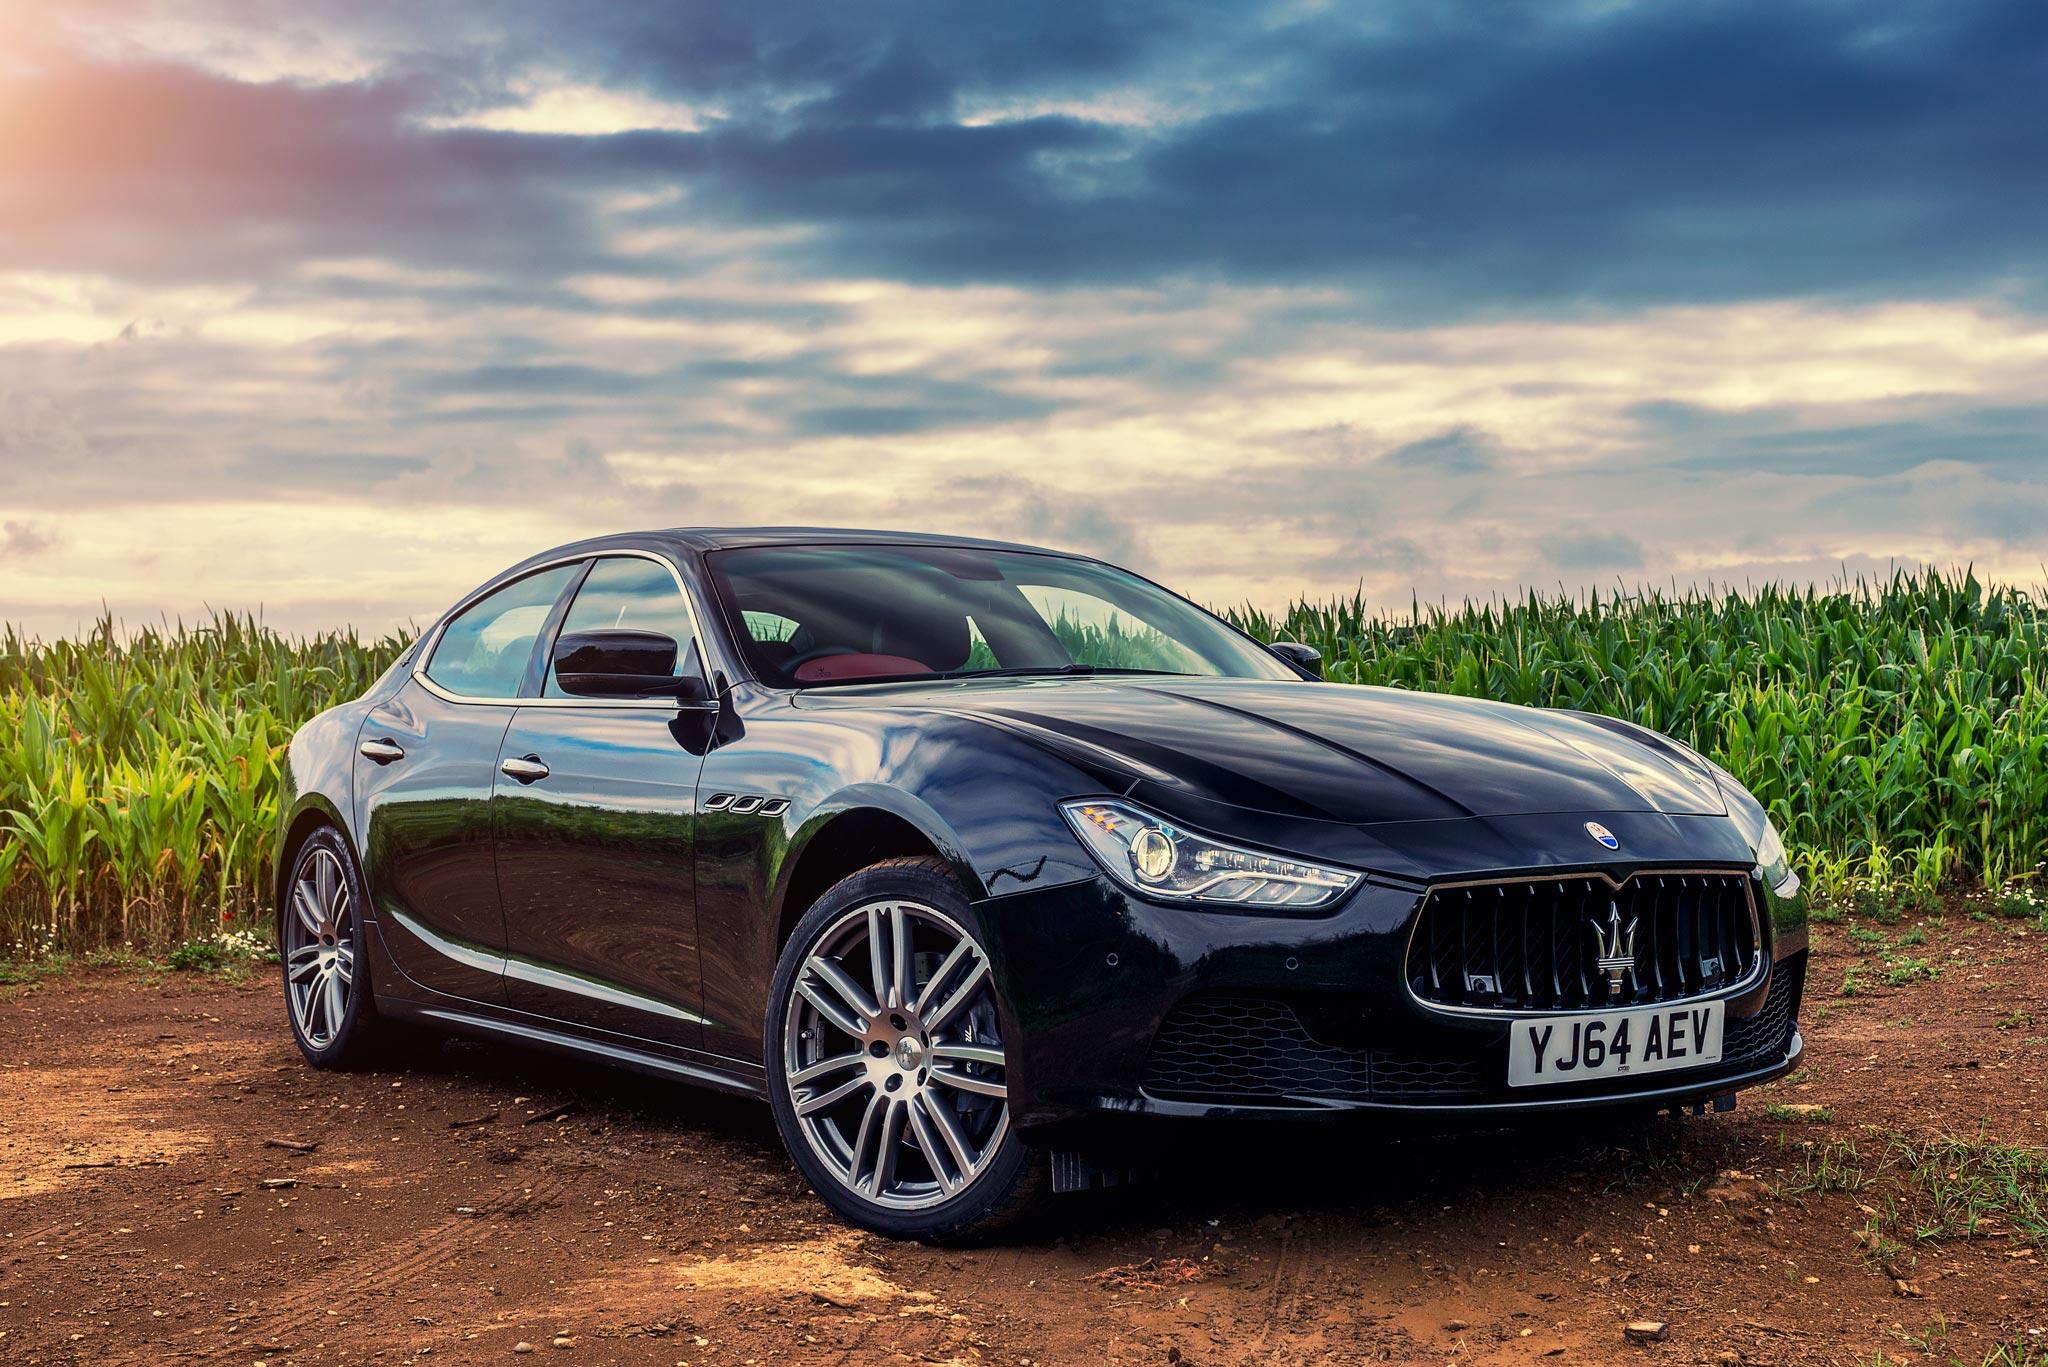 Maserati Ghibli - Maze field, Upper Tyson, Cotswolds